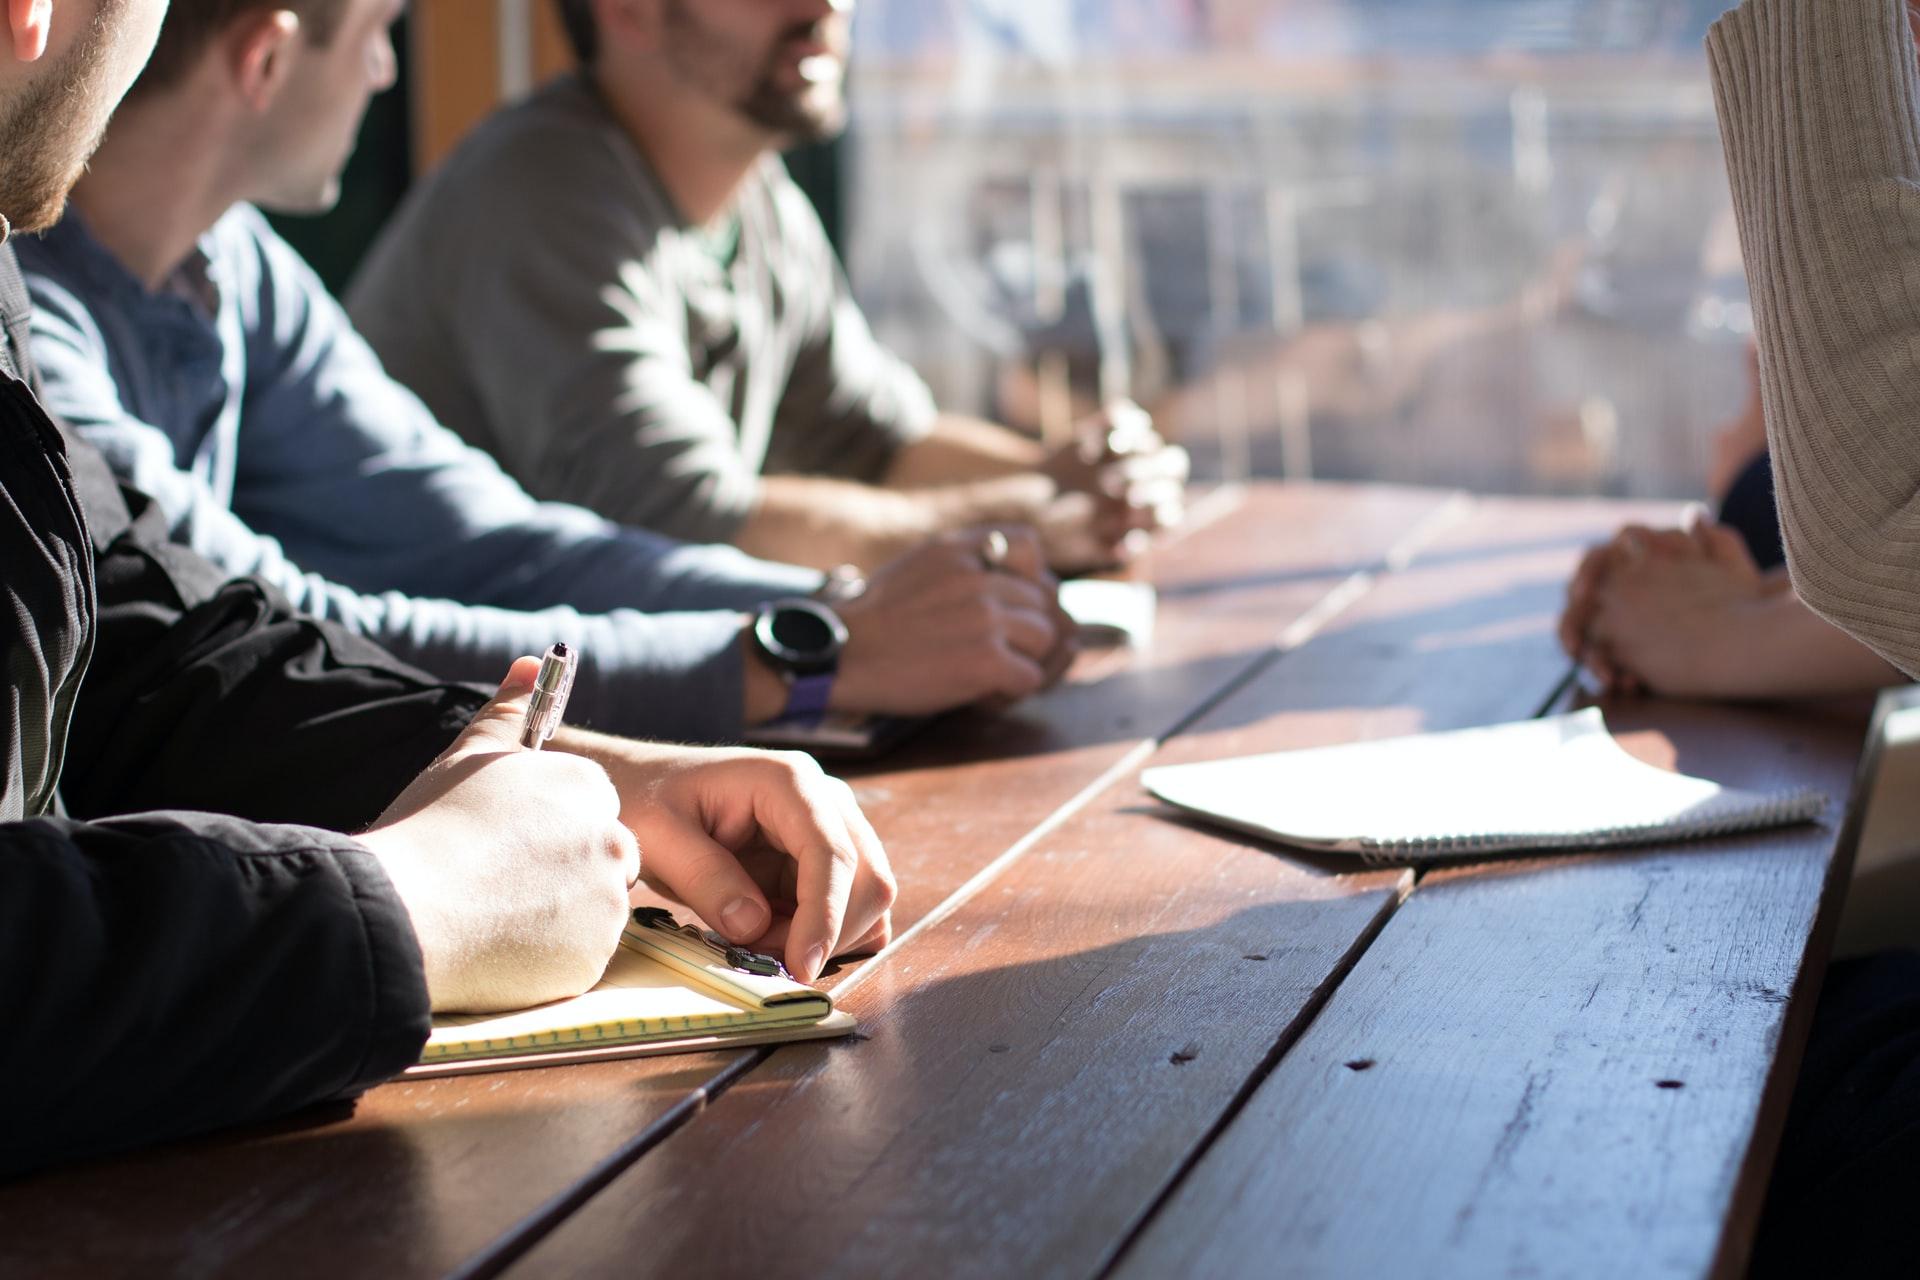 Teamentwicklung – die Bildung und Führung von Teams